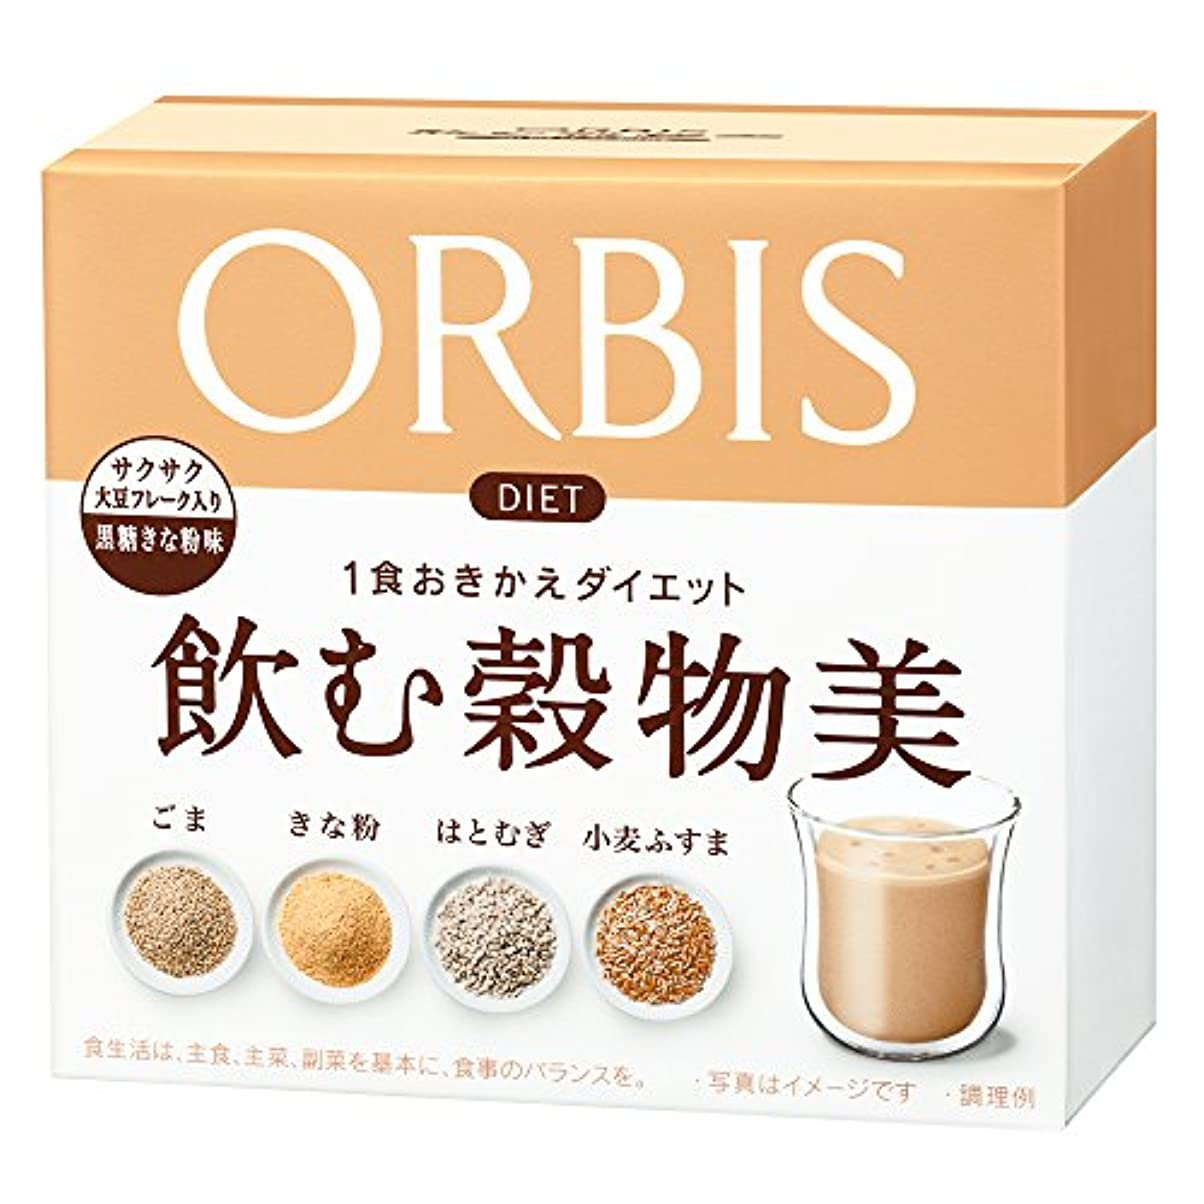 区別つまずく野球オルビス(ORBIS) 飲む穀物美 黒糖きなこ味 7日分(25g×7袋) ◎雑穀ダイエットシェイク◎ 1食分約189kcal